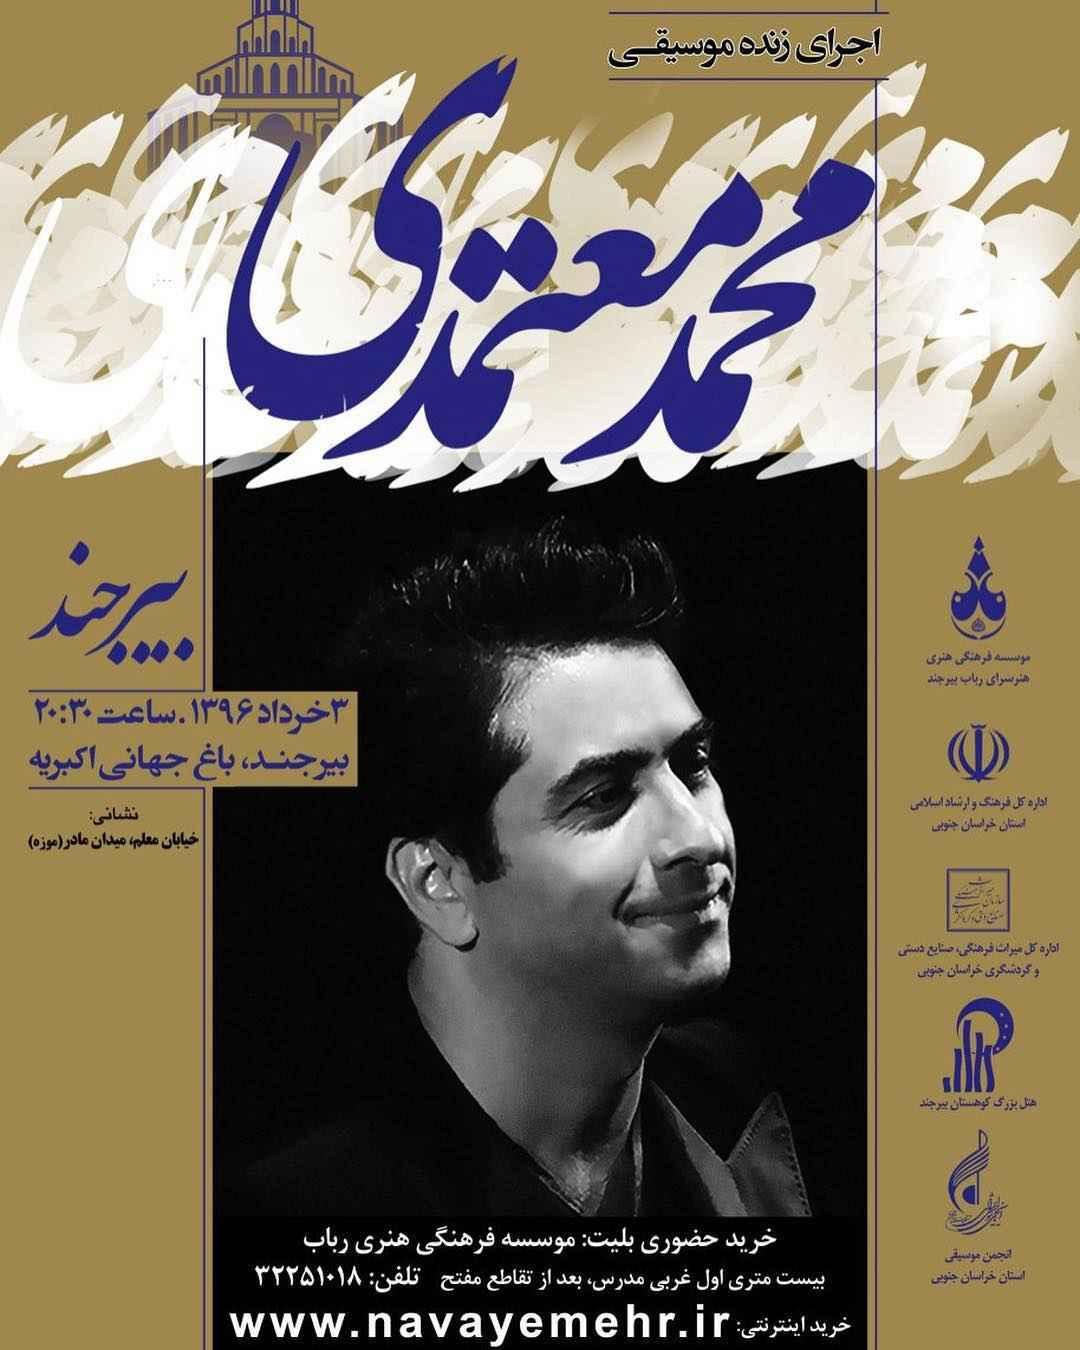 محمد معتمدی - بیرجند